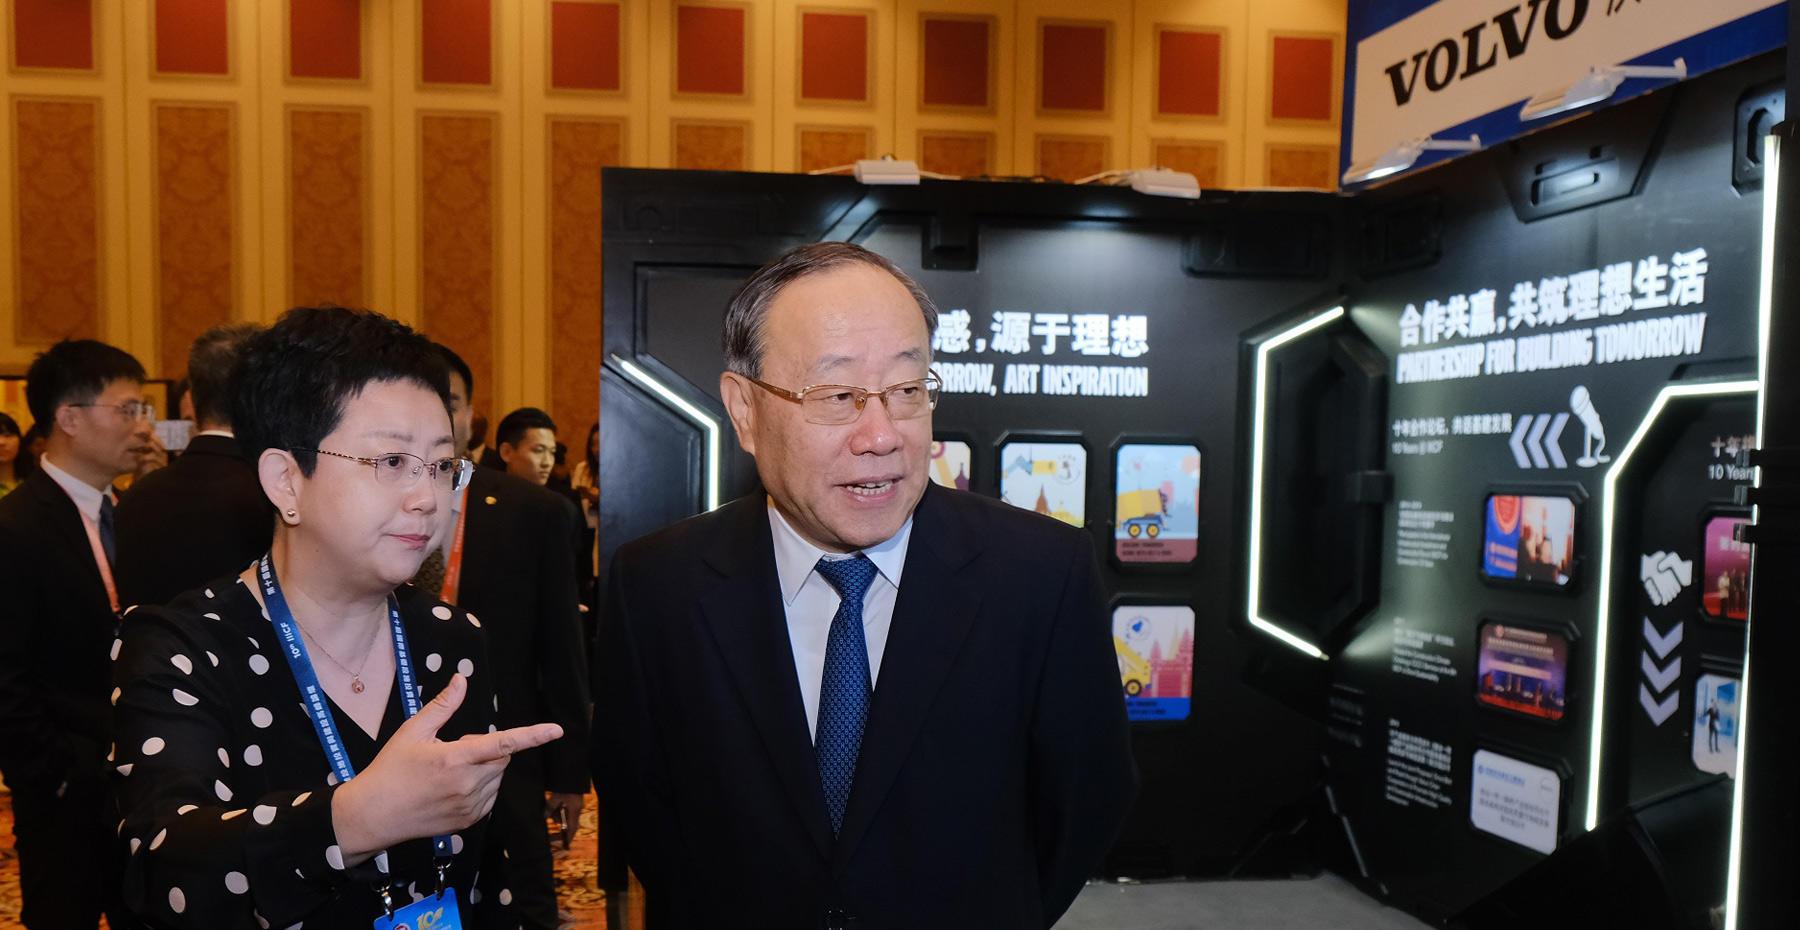 商務部副部長王炳南參觀沃爾沃展位